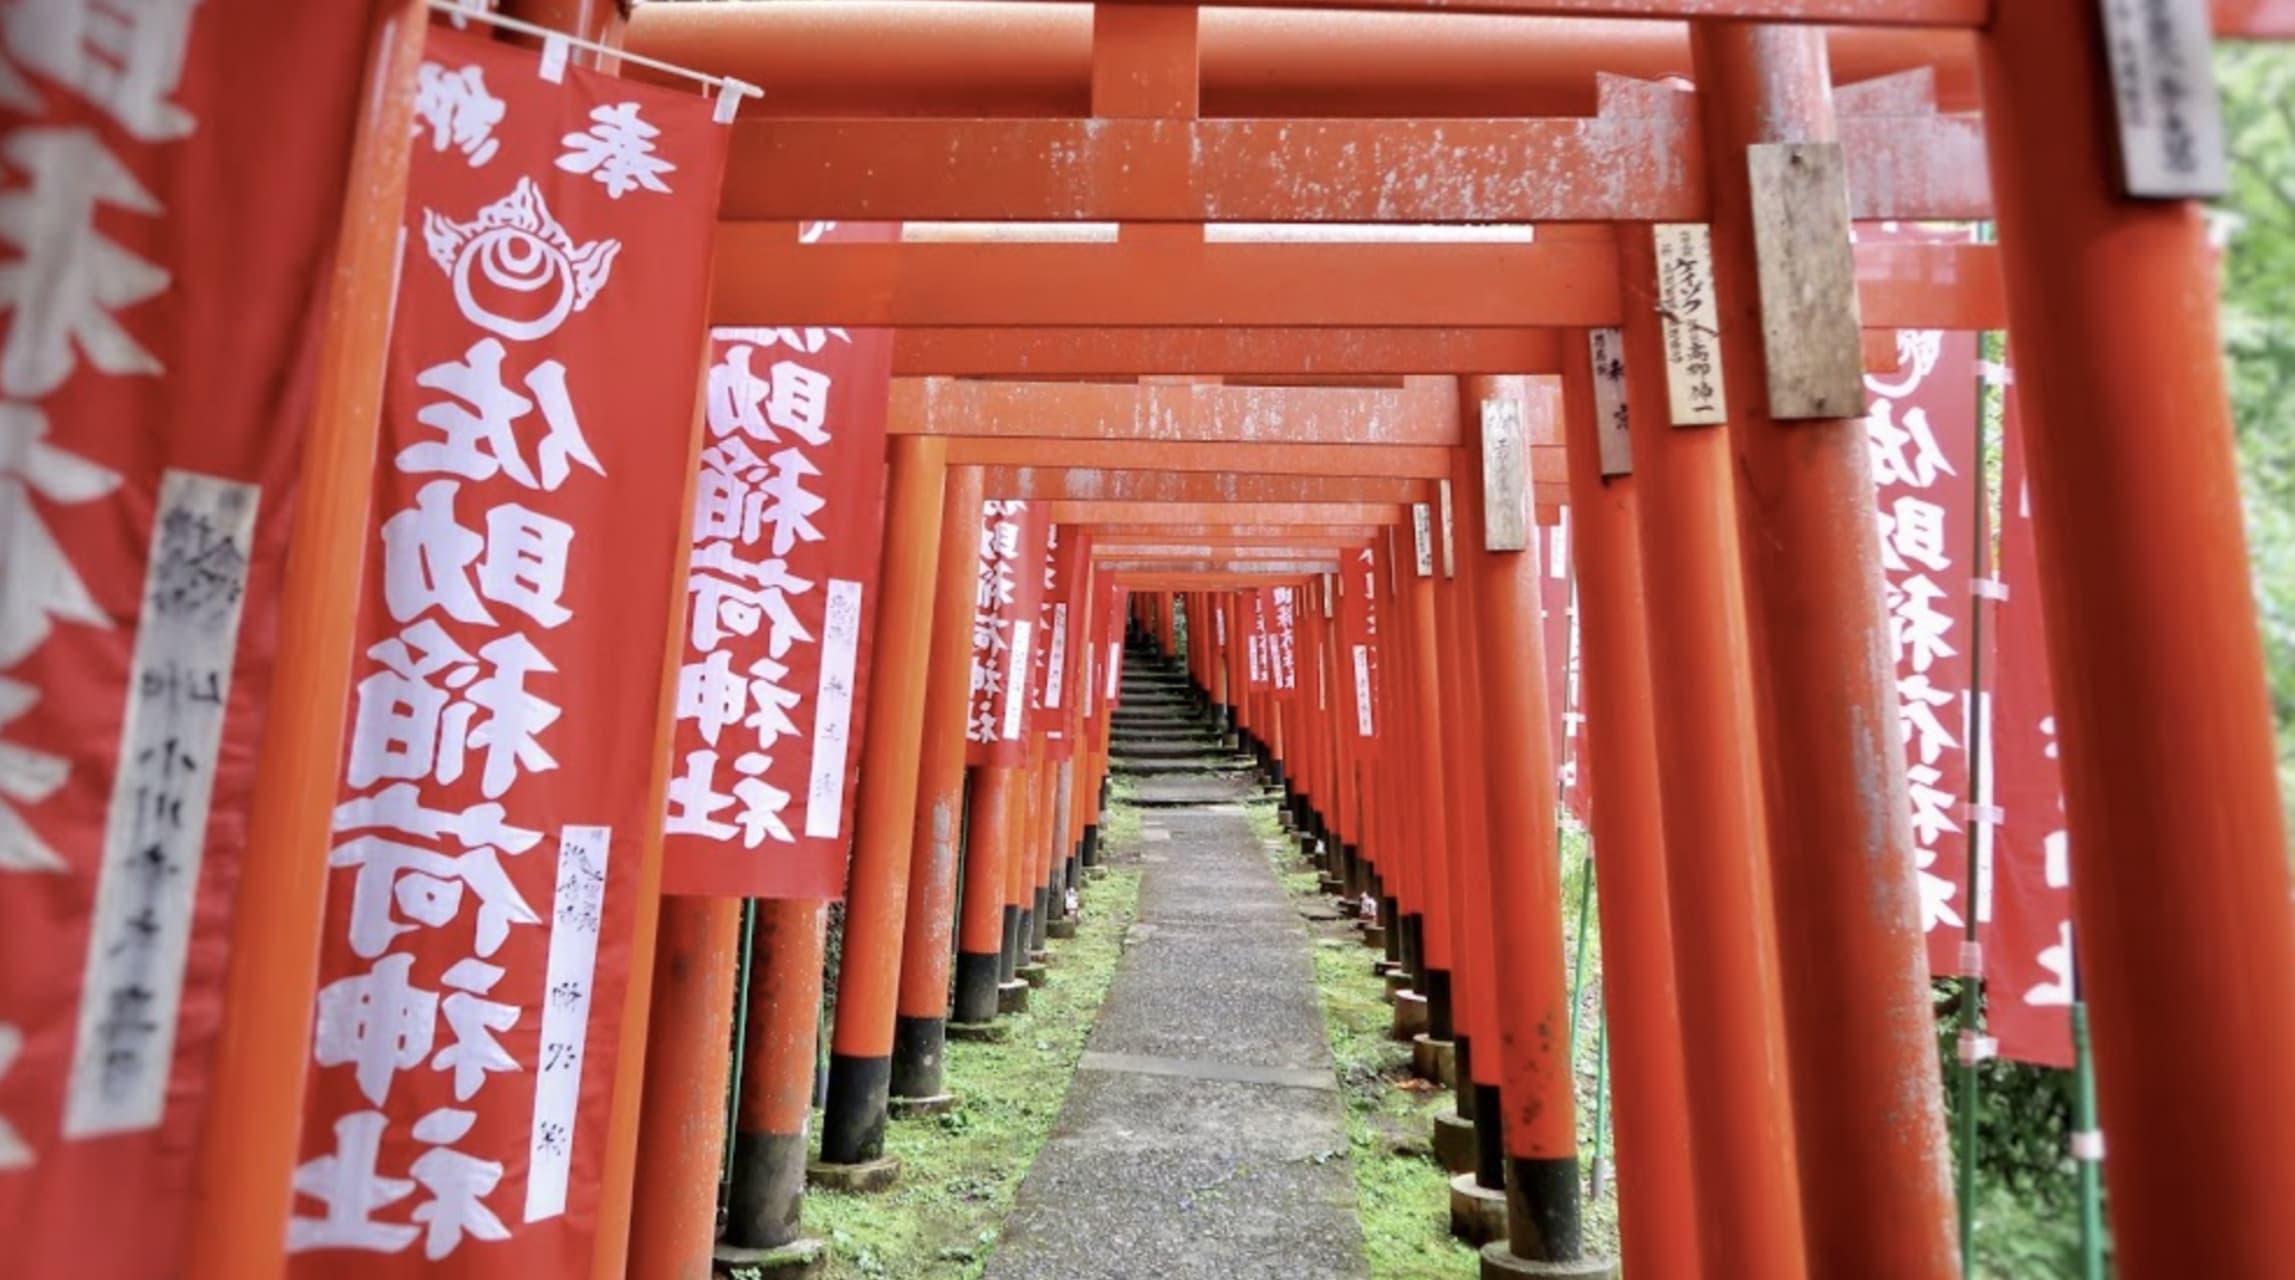 Kanagawa - Red Tunnels of Gratitude at Inari Shrine, Japan